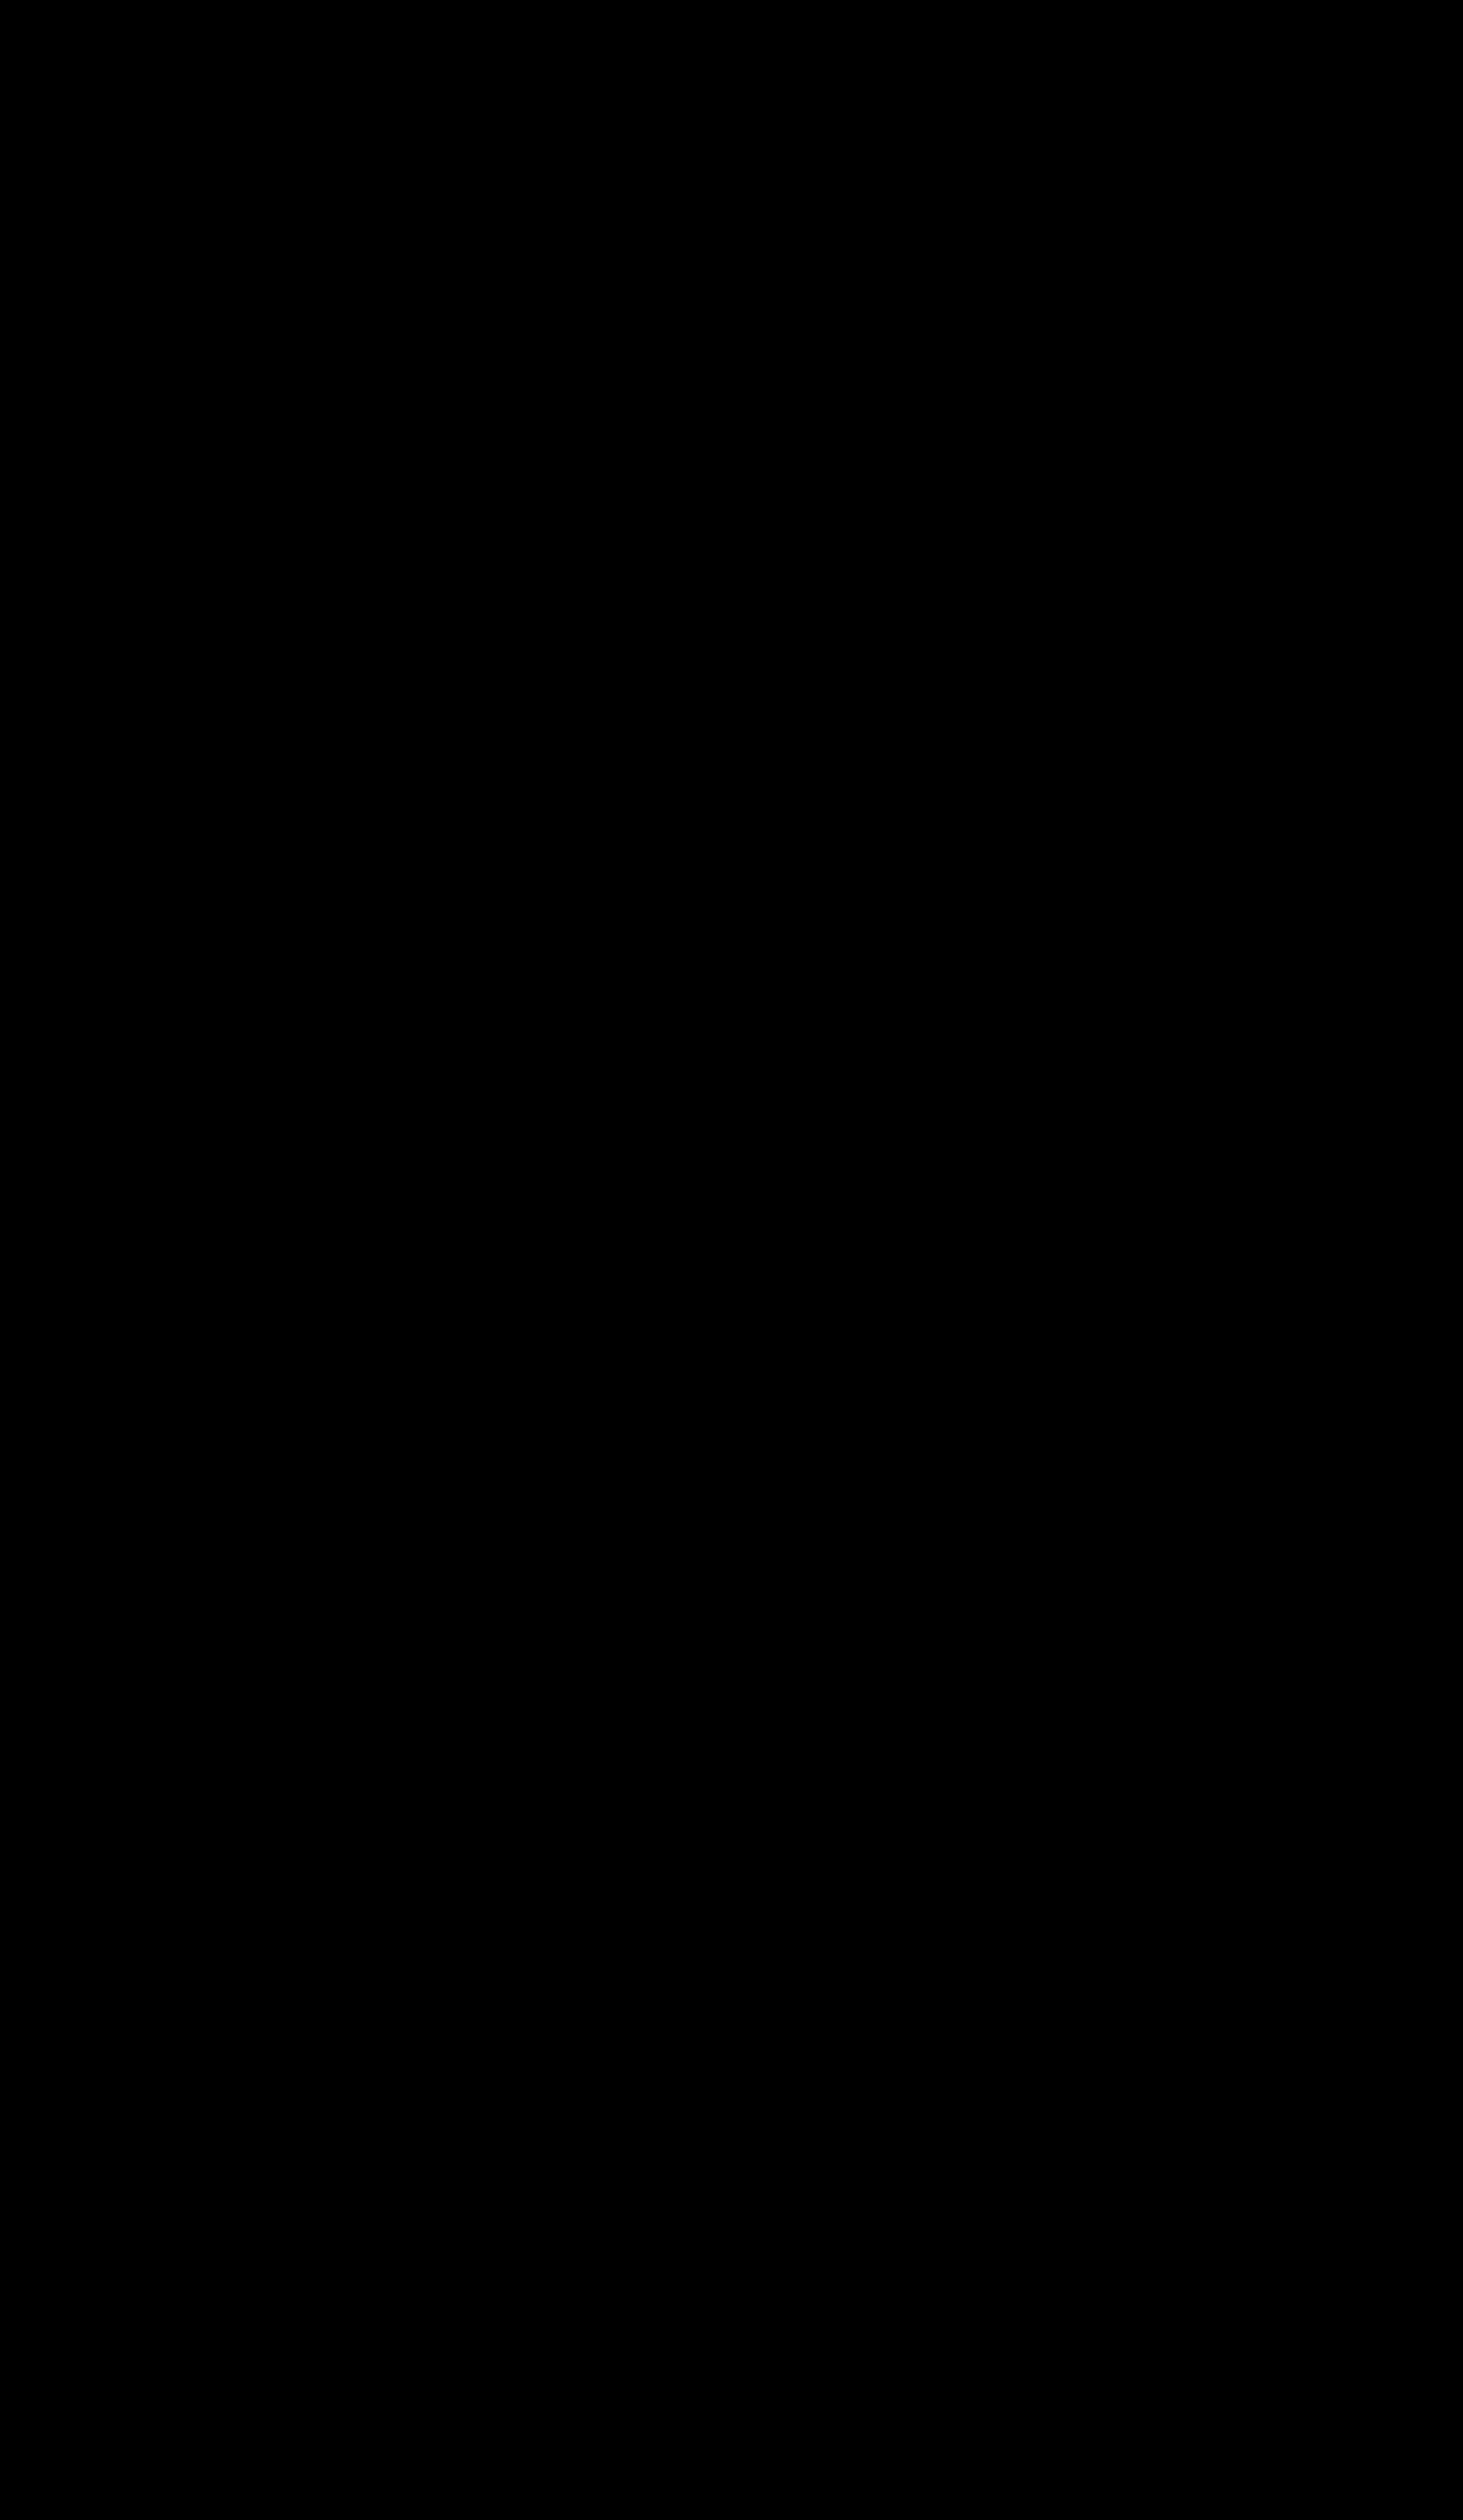 穂をつけた植物体